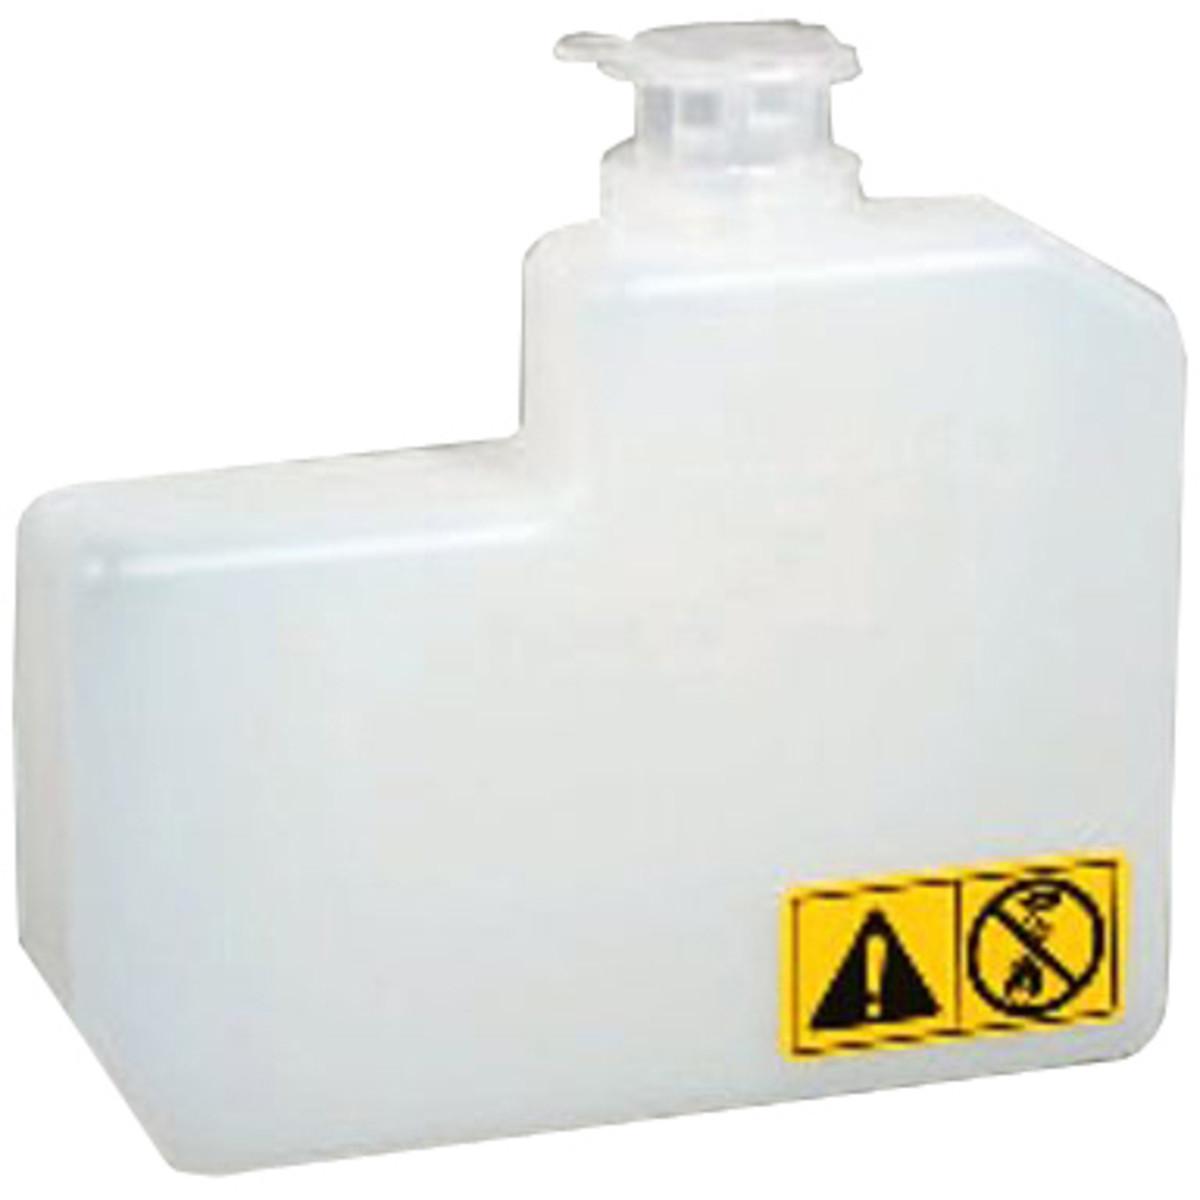 Kyocera FS-2000D Waste toner bottle